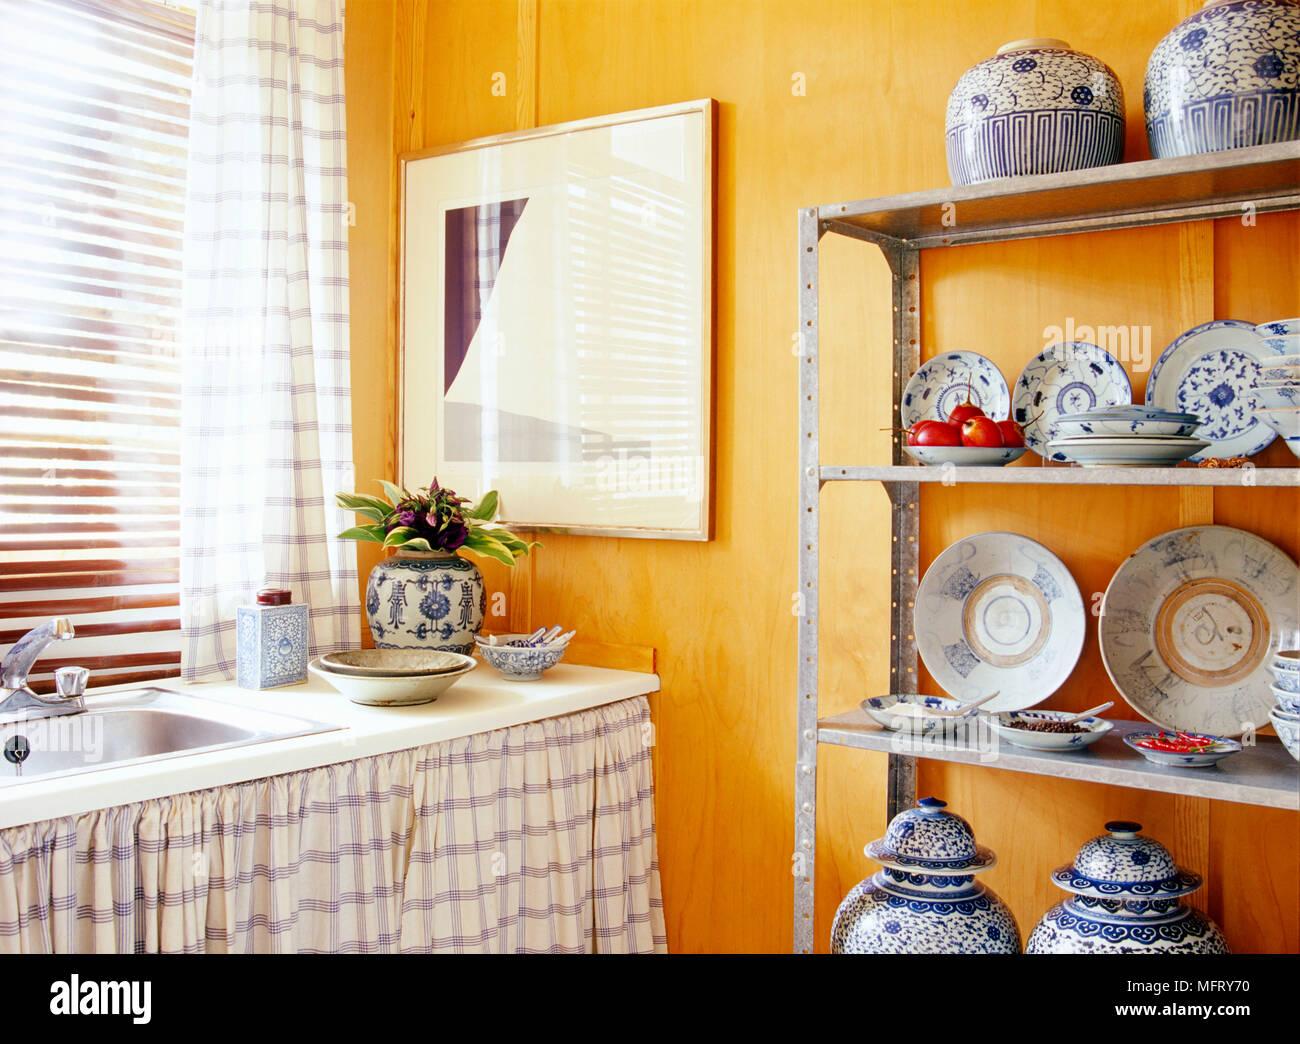 Estanterias Metalicas Modernas.Un Detalle De Una Moderna Cocina Amarilla Mostrando Un Fregadero Con